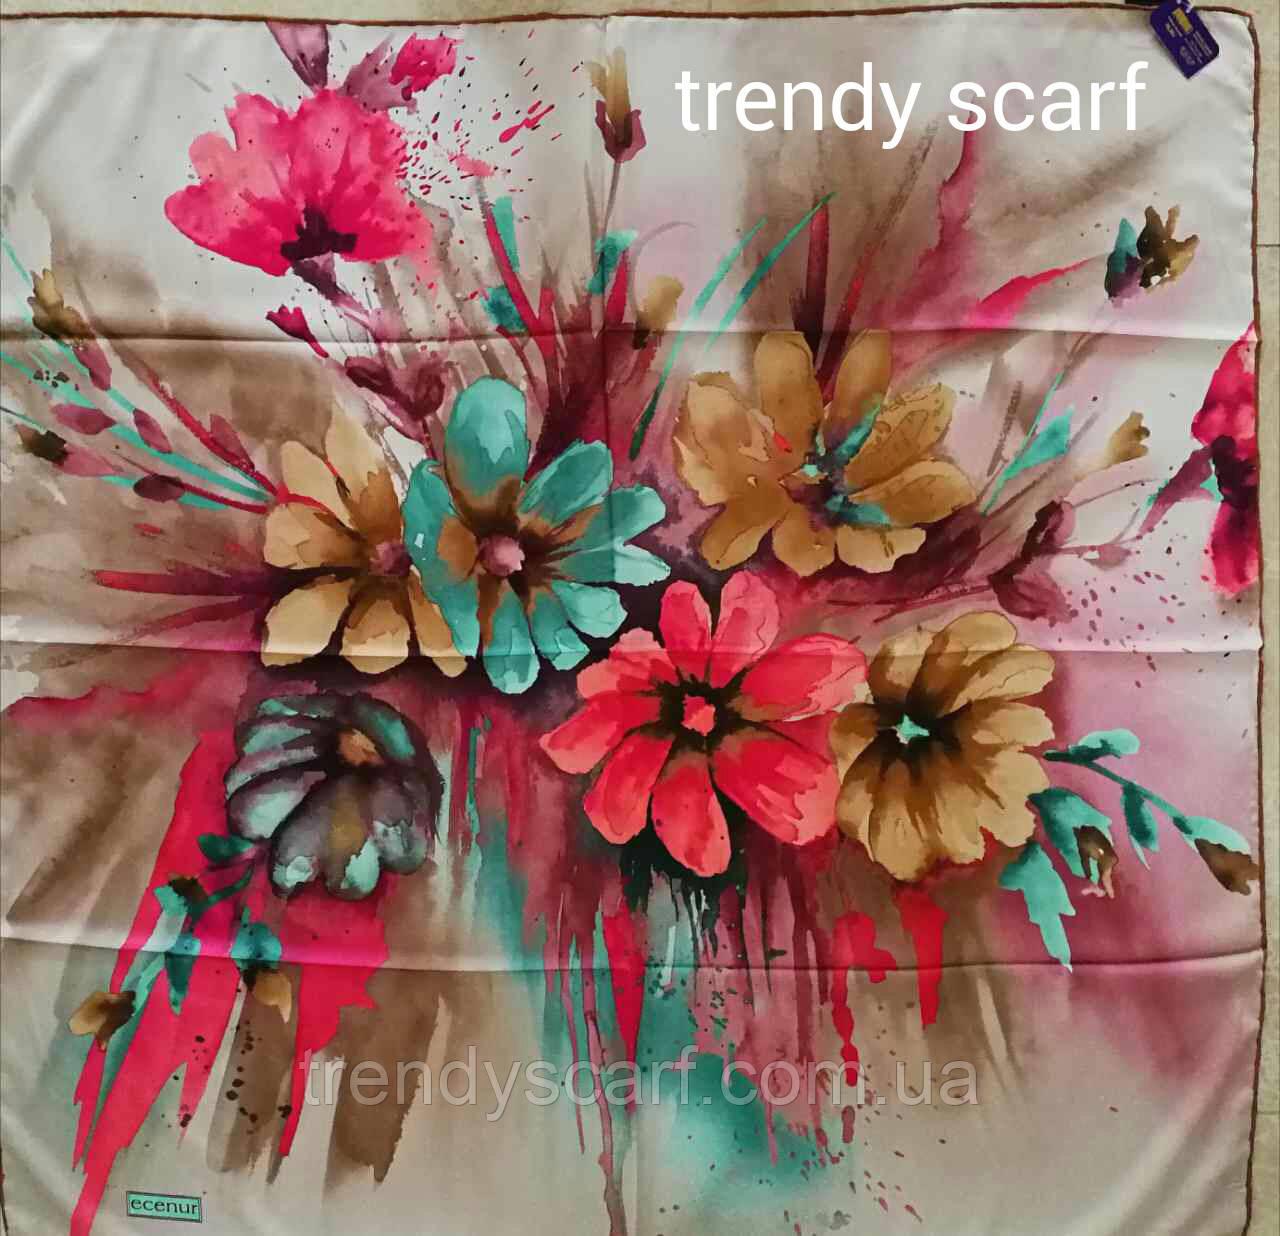 Тонкий легкий женский платок с цветами Белый бежевый, розовый, коричневый, бирюзовый, бордовый. 90/90 см